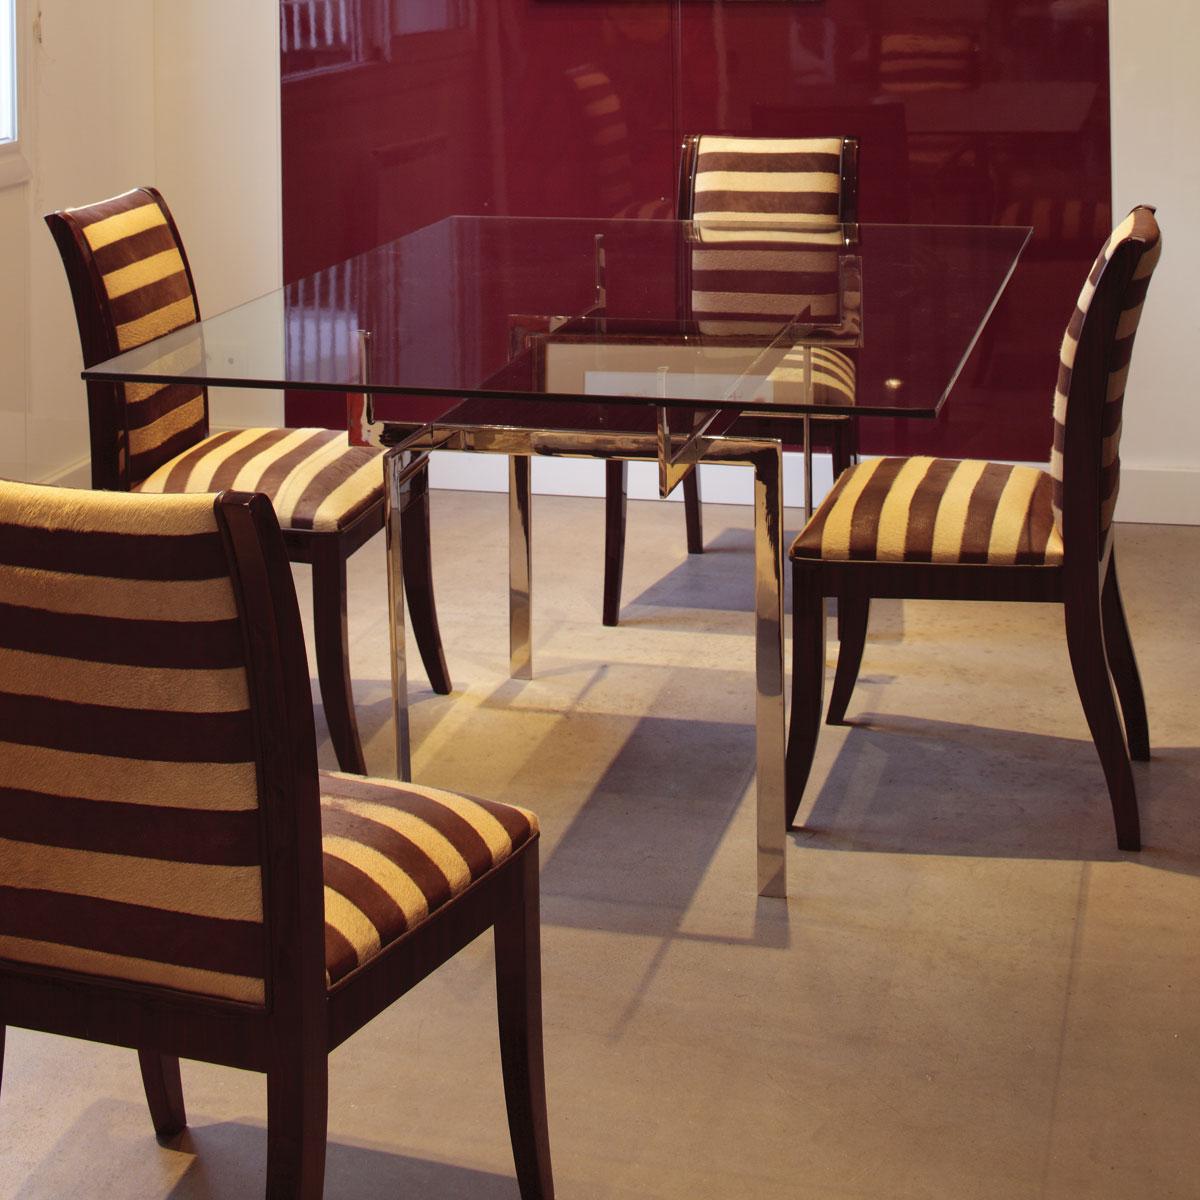 chaise 501 mobilier art d co paris agencement xavier g lineau. Black Bedroom Furniture Sets. Home Design Ideas